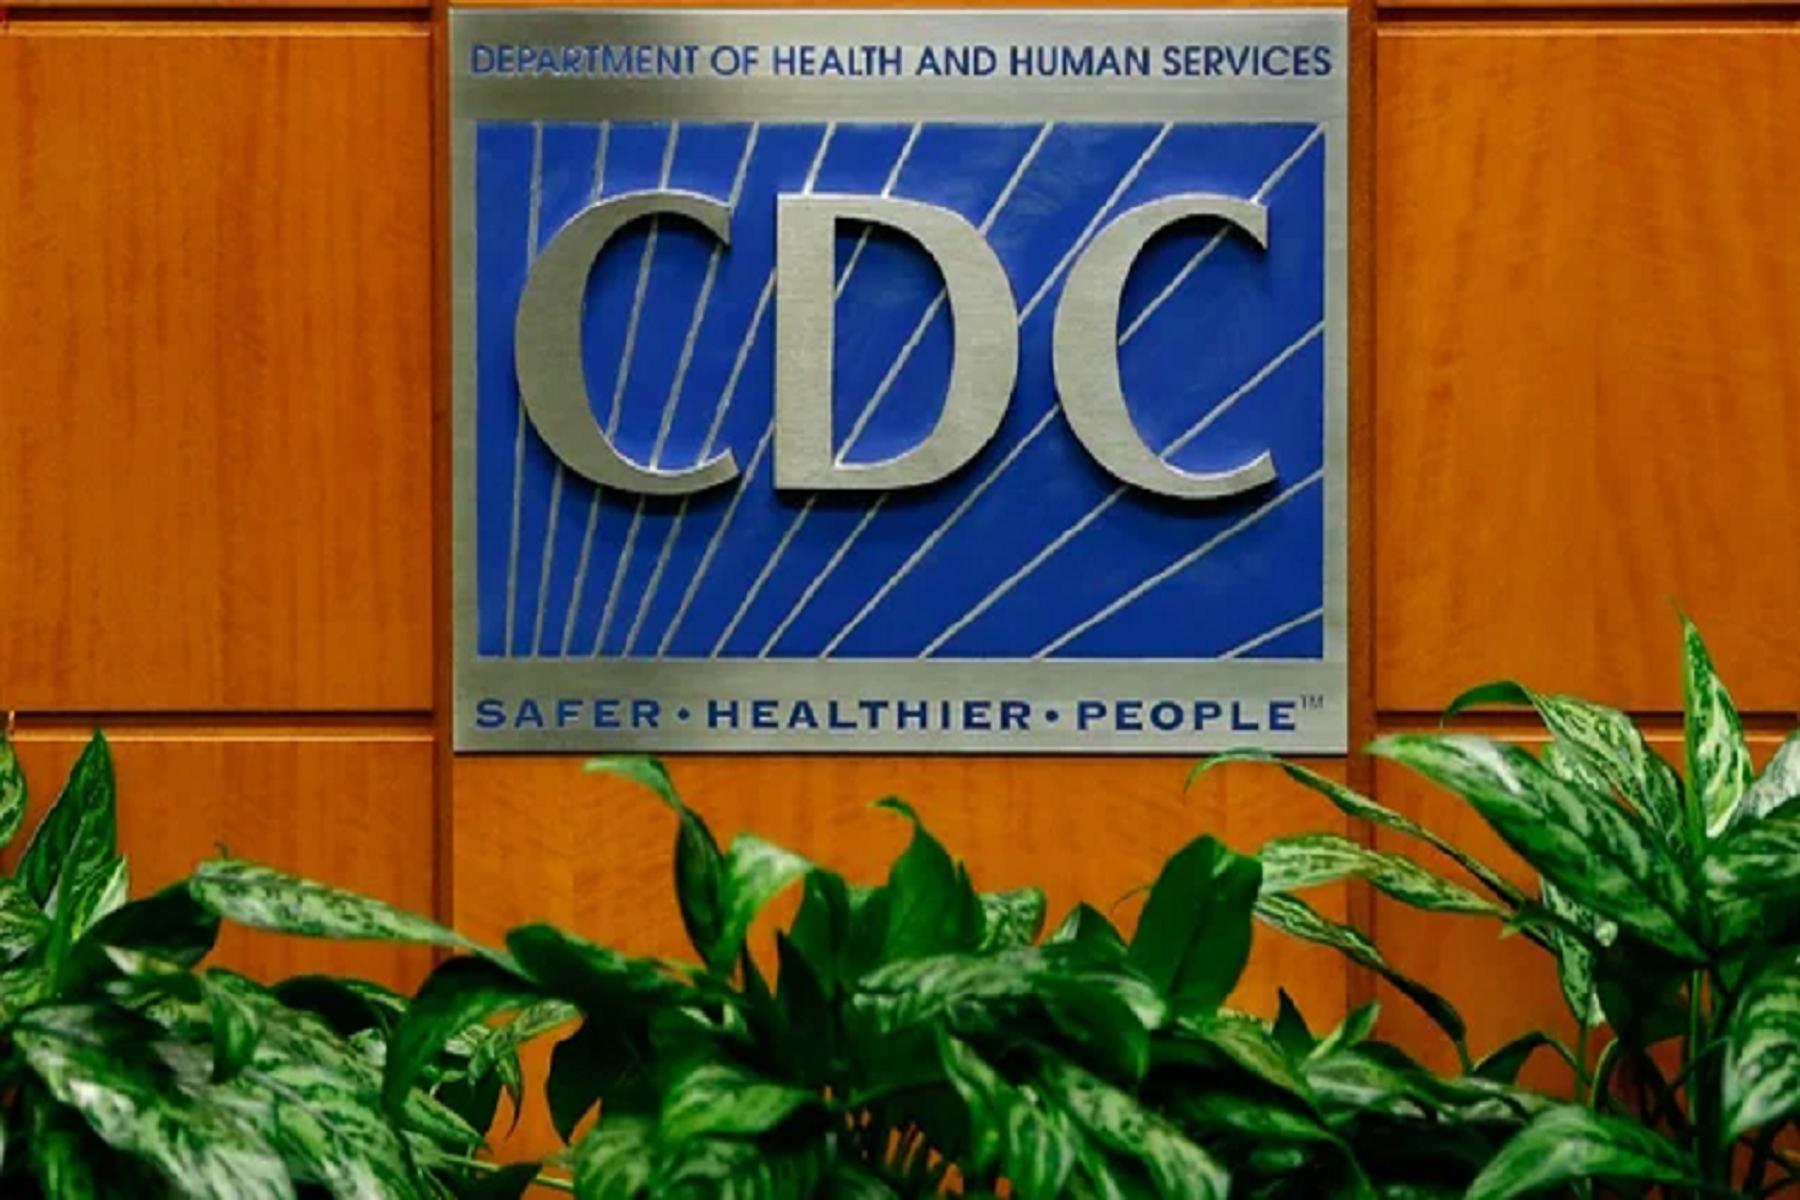 ΗΠΑ CDC: Τα κράτη με υψηλό ποσοστό παχυσαρκίας σχεδόν διπλασιάζονται από το 2018